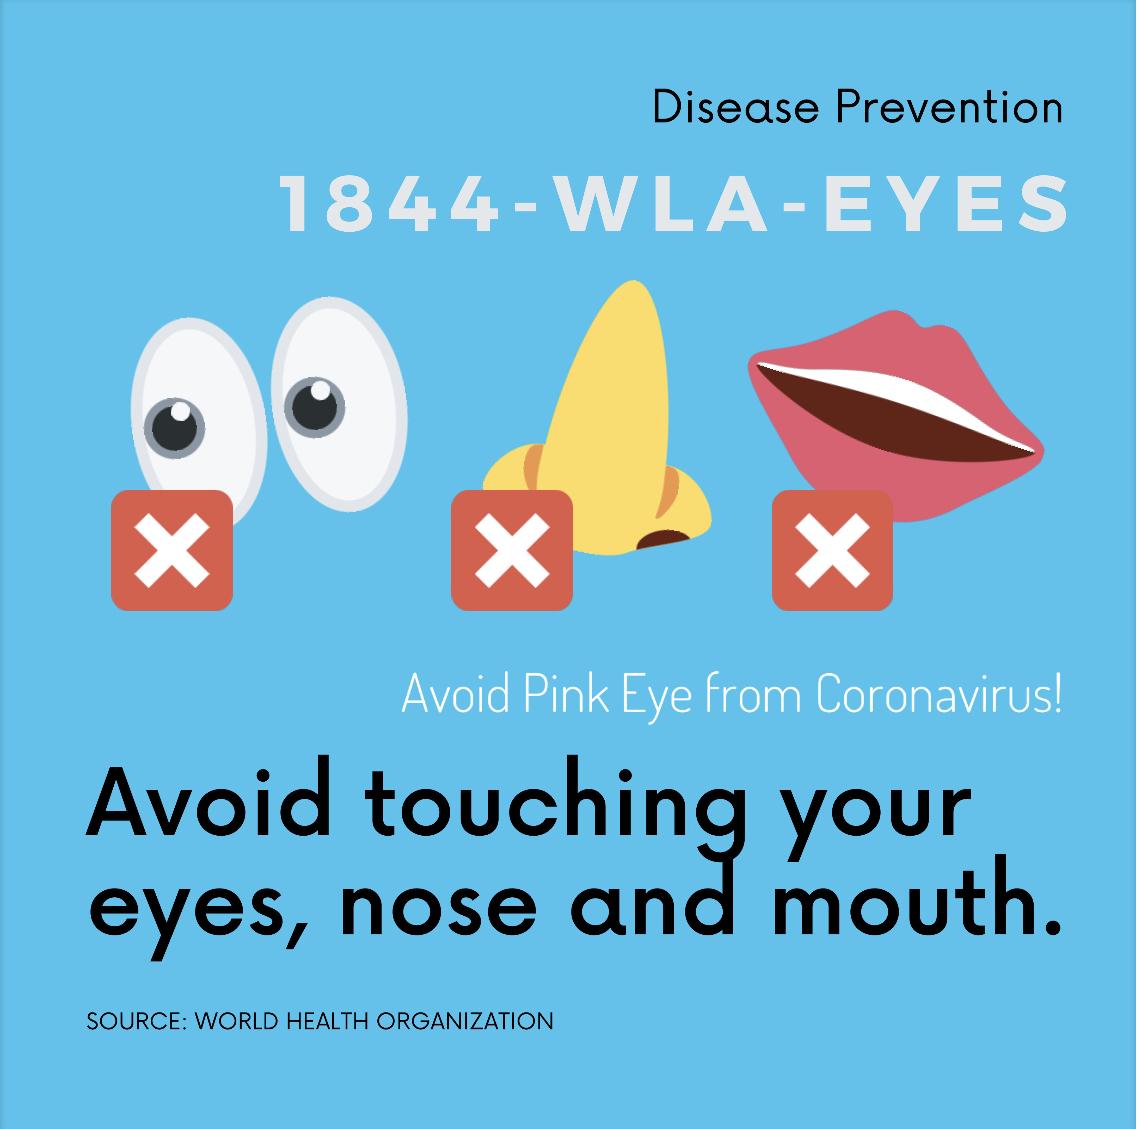 avoid touching eyes or pink eye